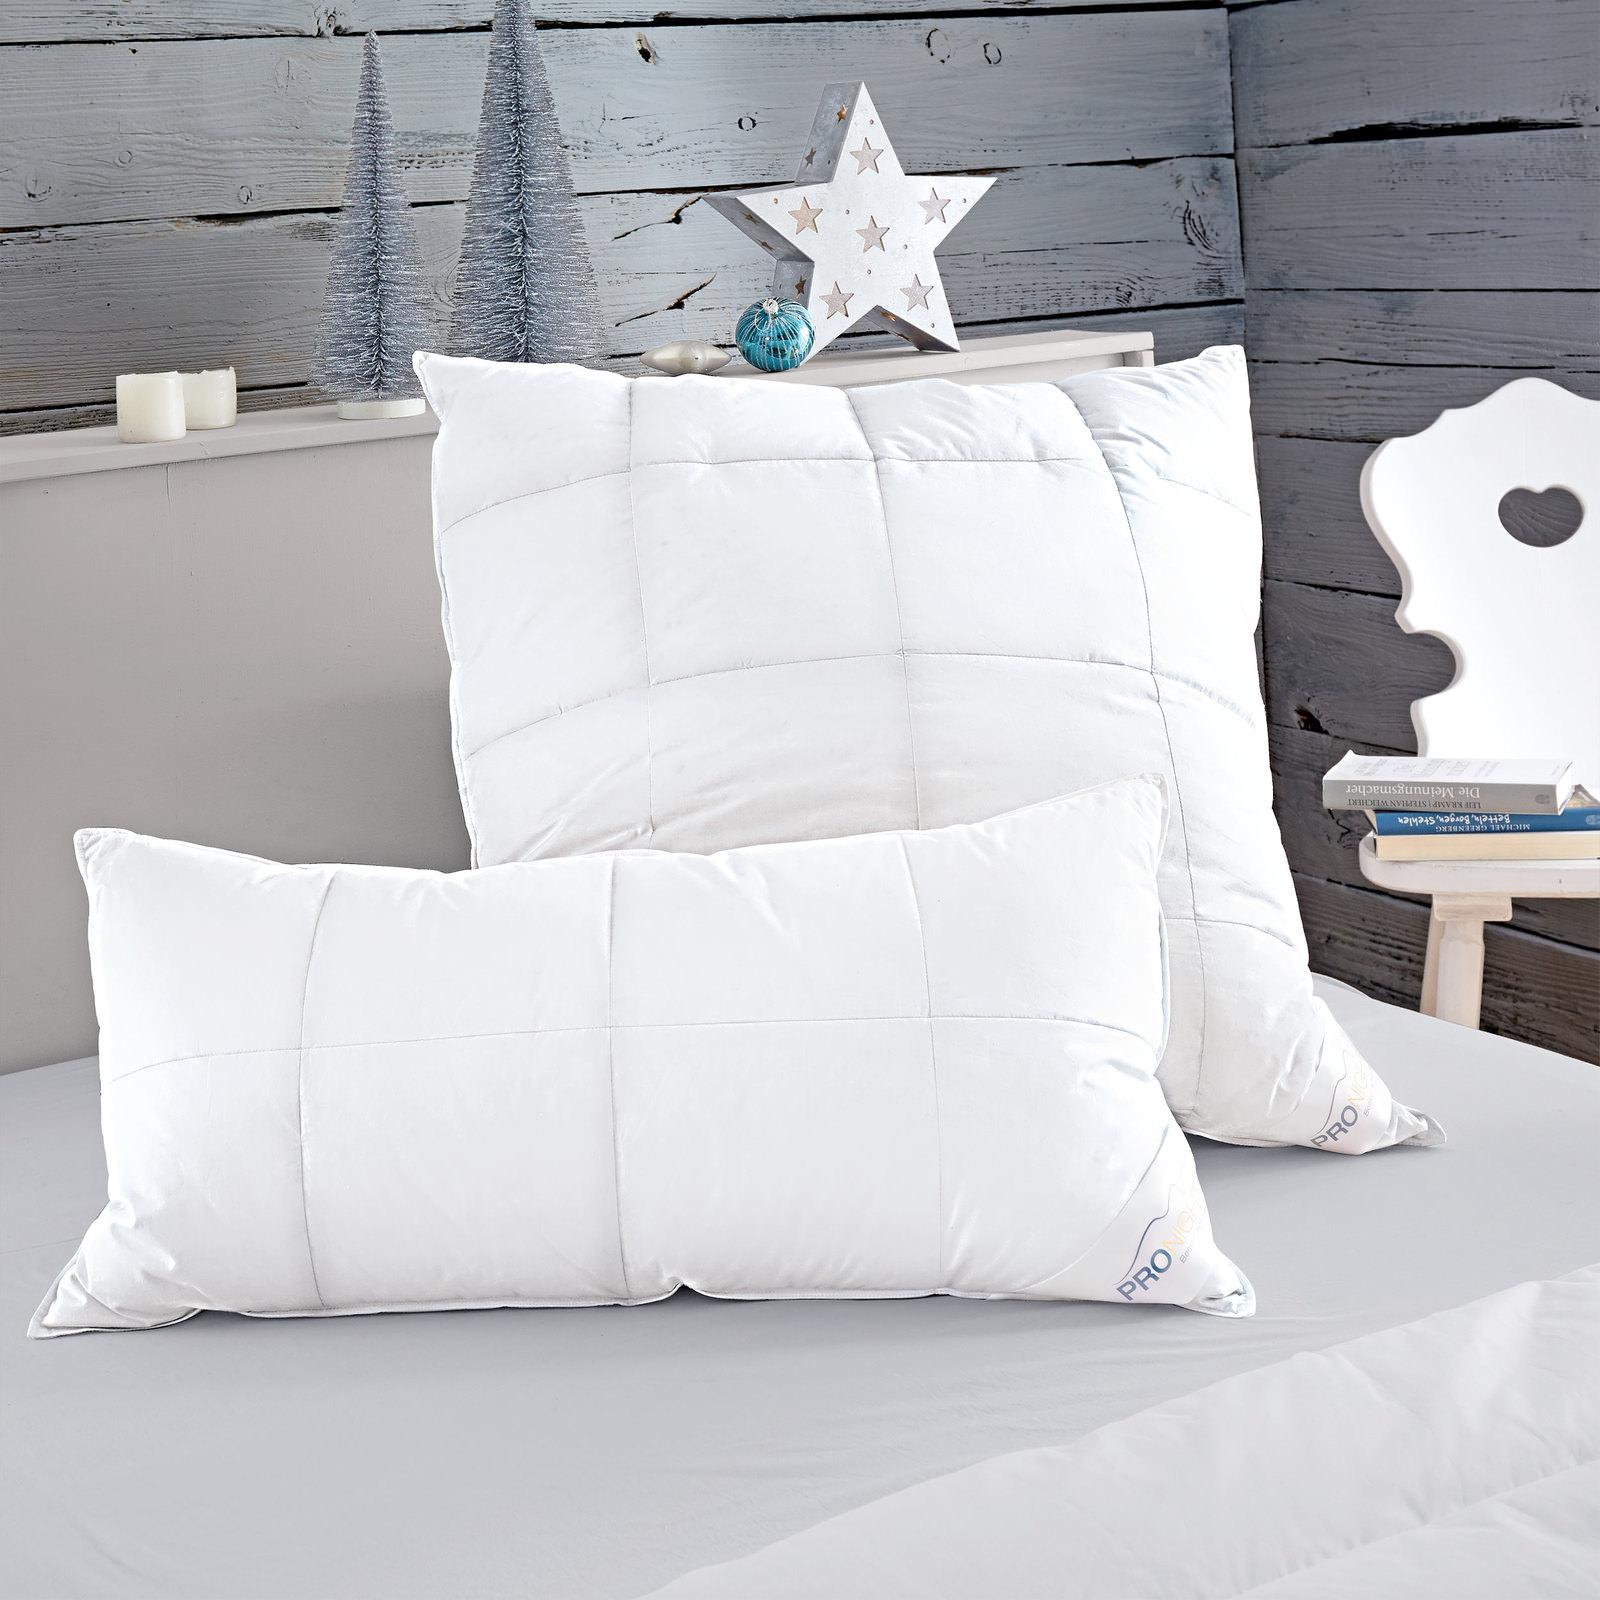 pronight pronight 3 kammer kopfkissen online entdecken knuffmann ihr m belhaus. Black Bedroom Furniture Sets. Home Design Ideas